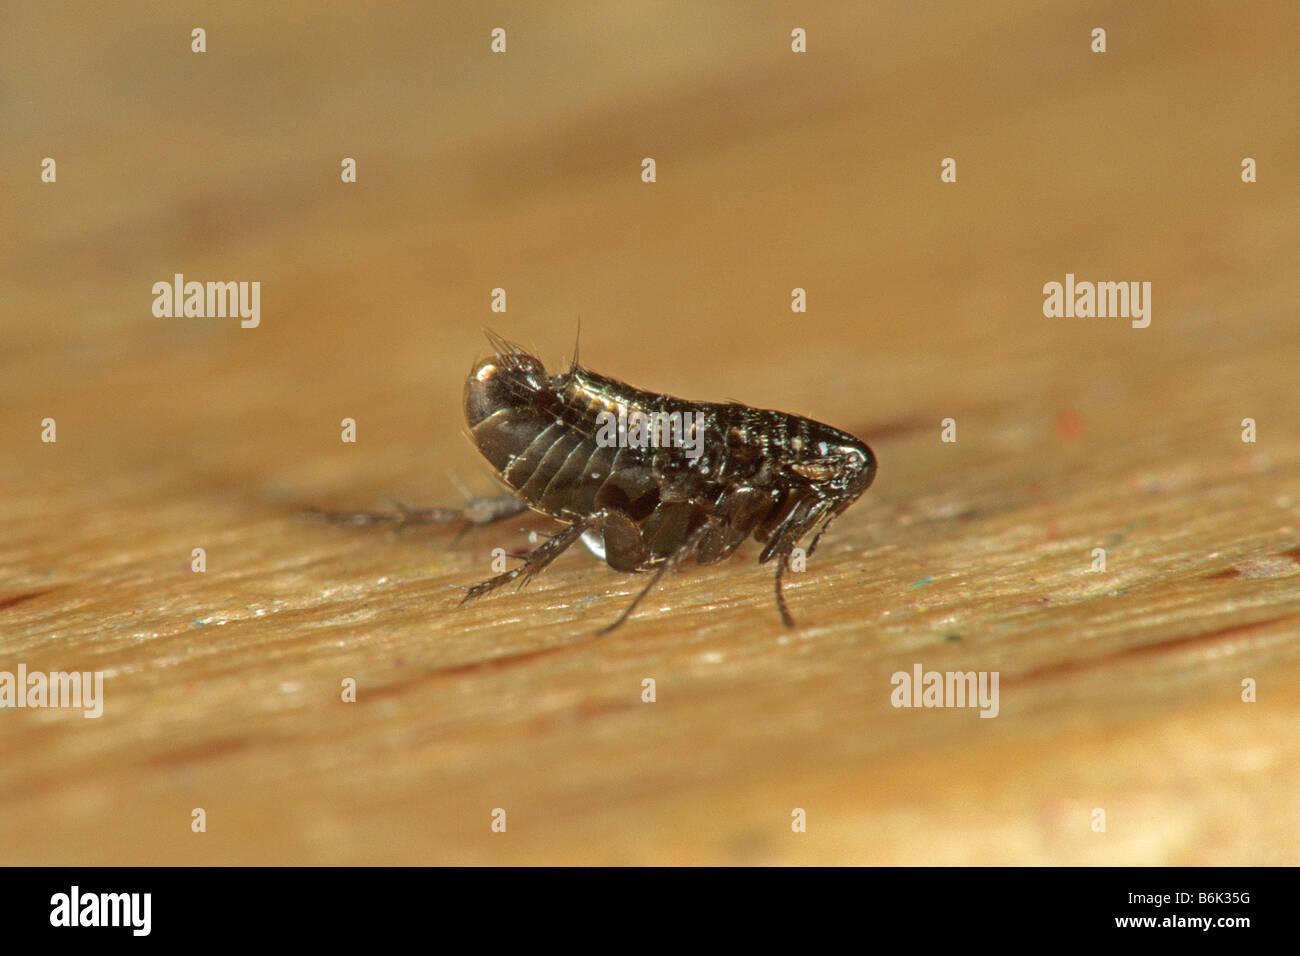 Bird Flea (Ceratophyllus sp.) - Stock Image